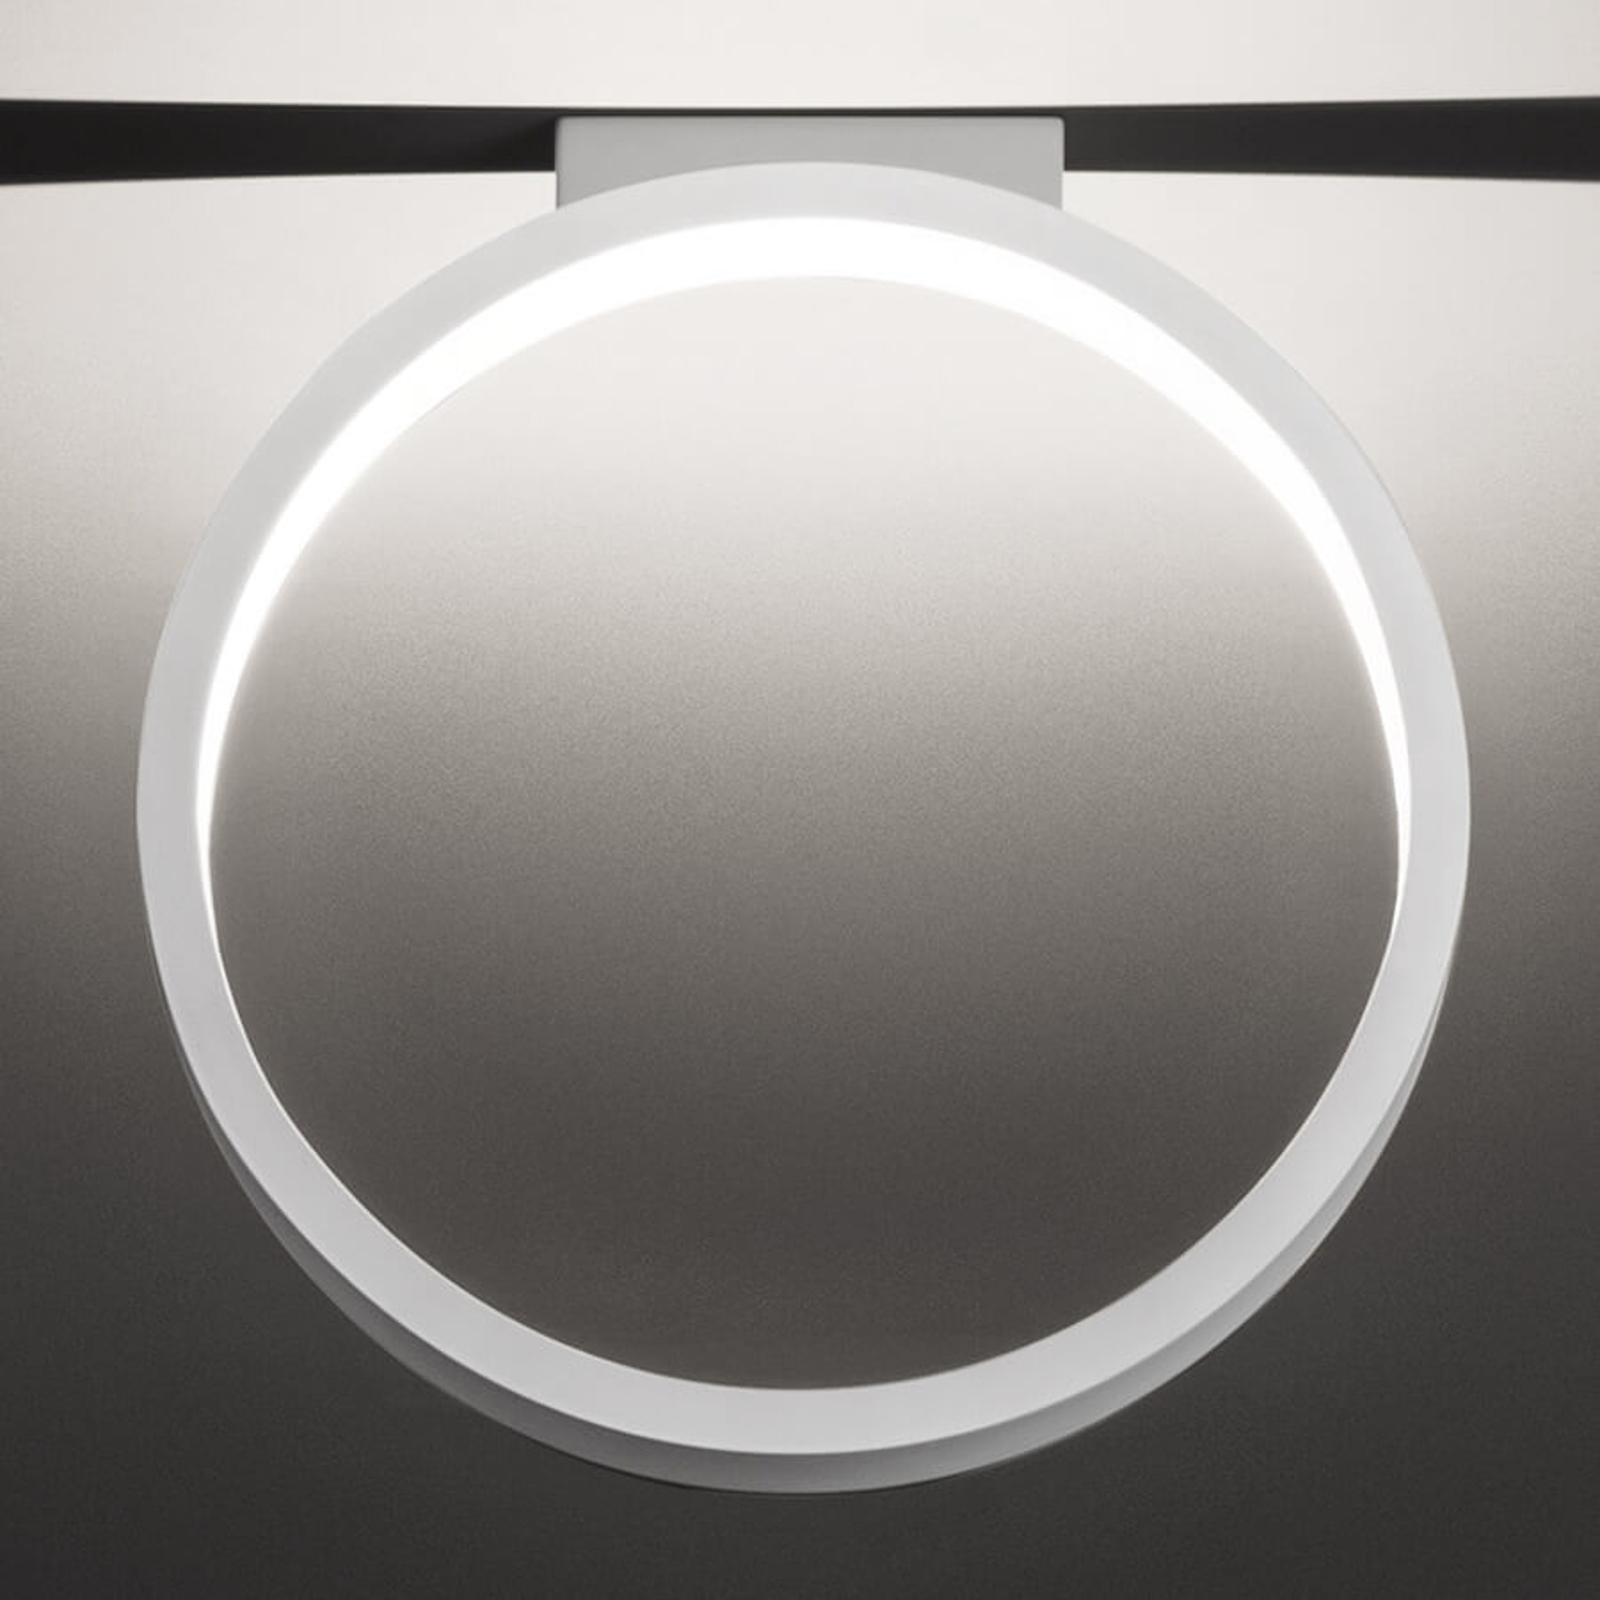 Lampa sufitowa Assolo, pierścień, 43 cm